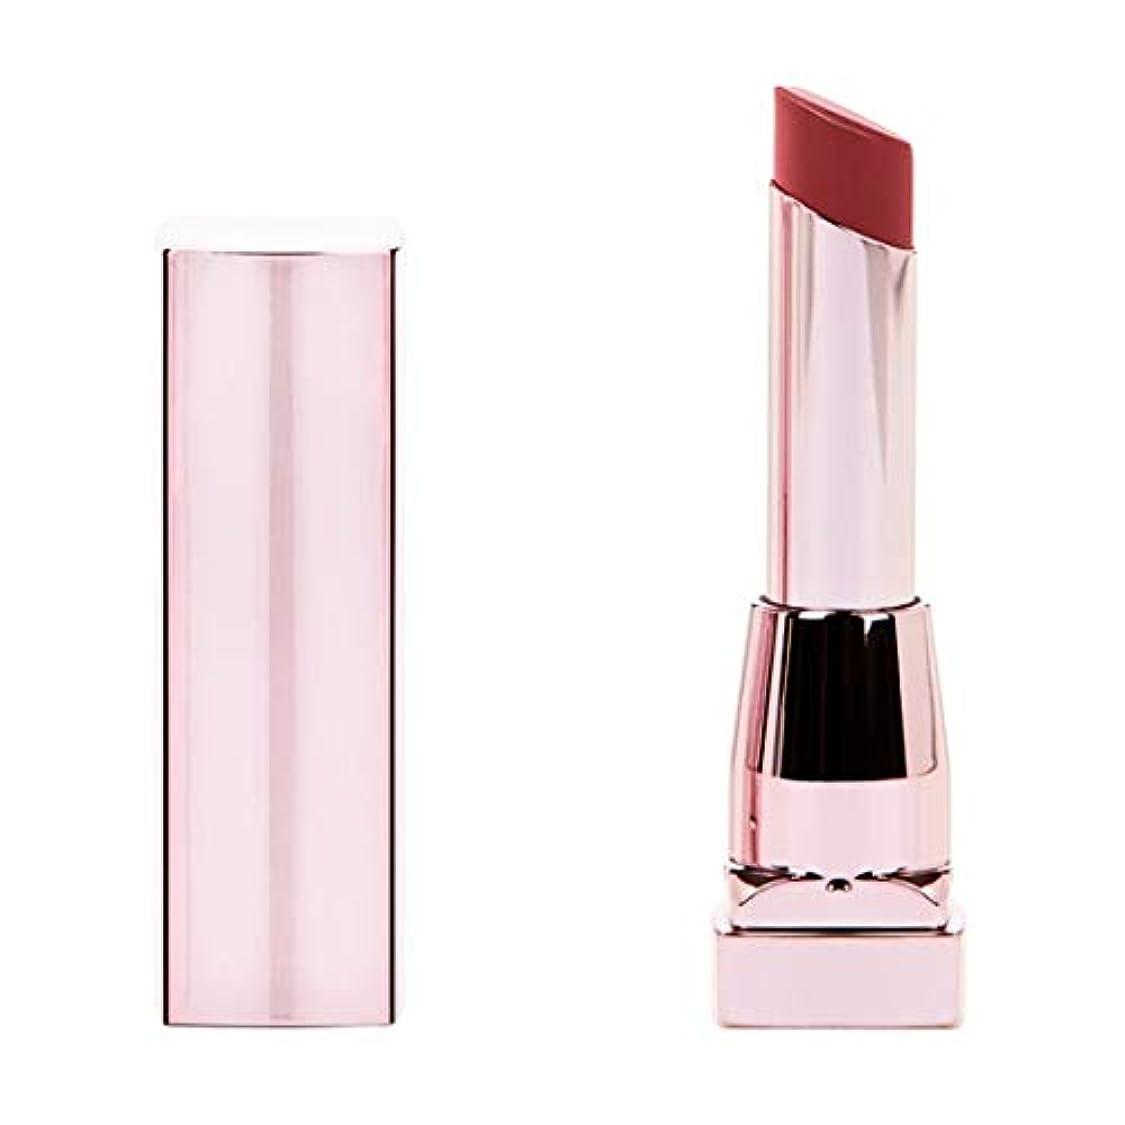 腐敗したピンチ麻痺させる(6 Pack) MAYBELLINE Color Sensational Shine Compulsion Lipstick - Scarlet Flame 090 (並行輸入品)